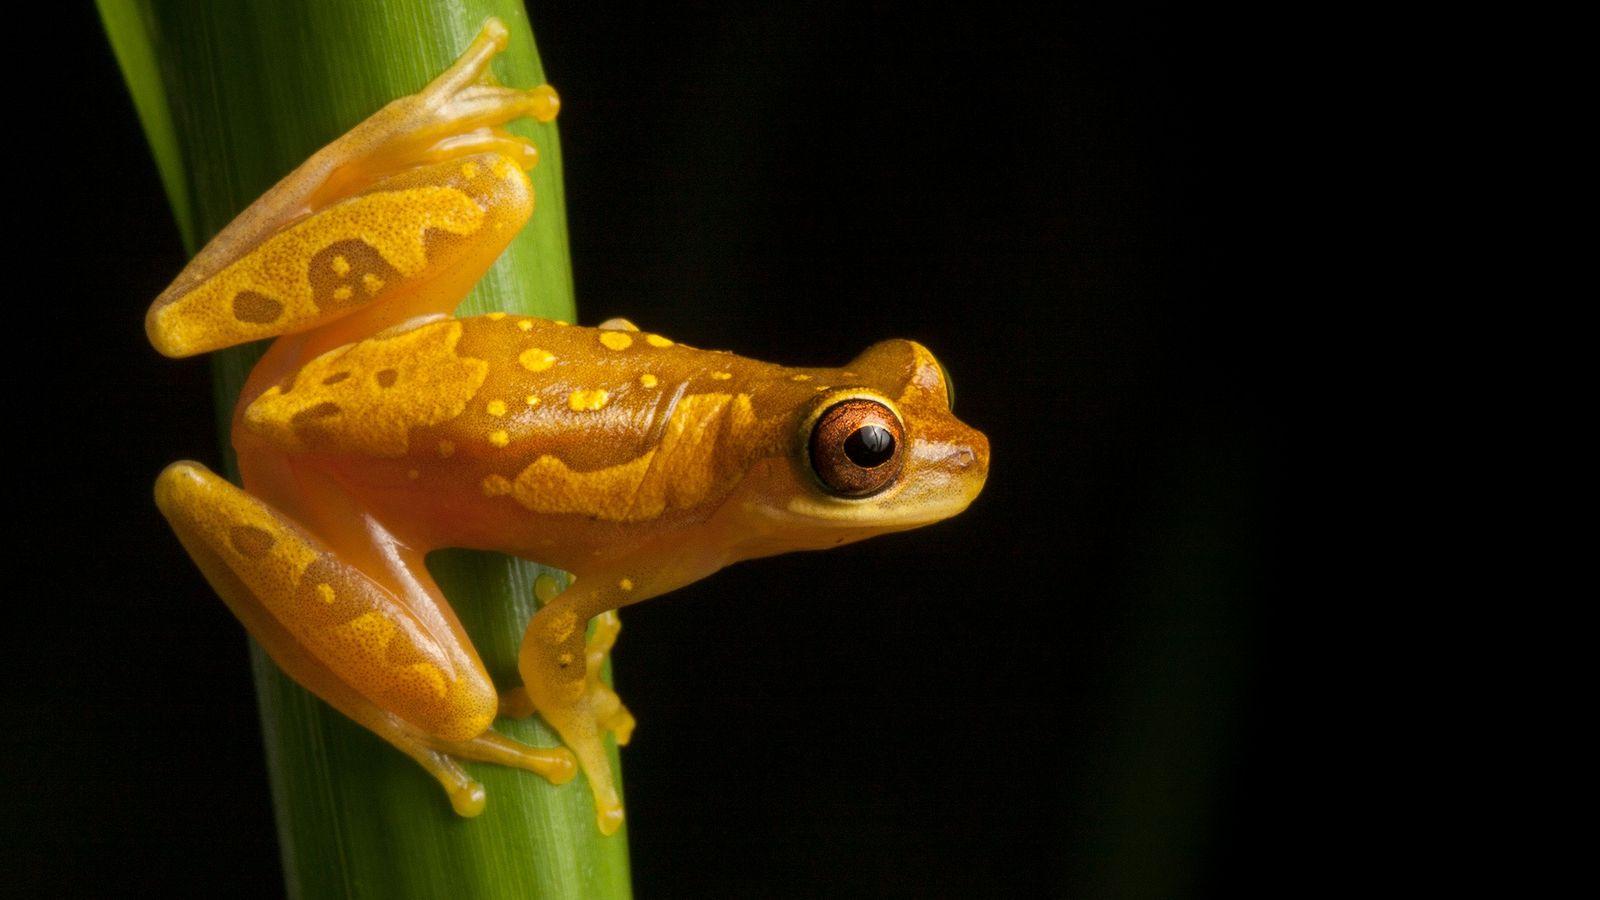 Les données relatives au recensement de plusieurs espèces d'amphibiens, comme le Dendropsophus ebraccatus, observé ici au ...